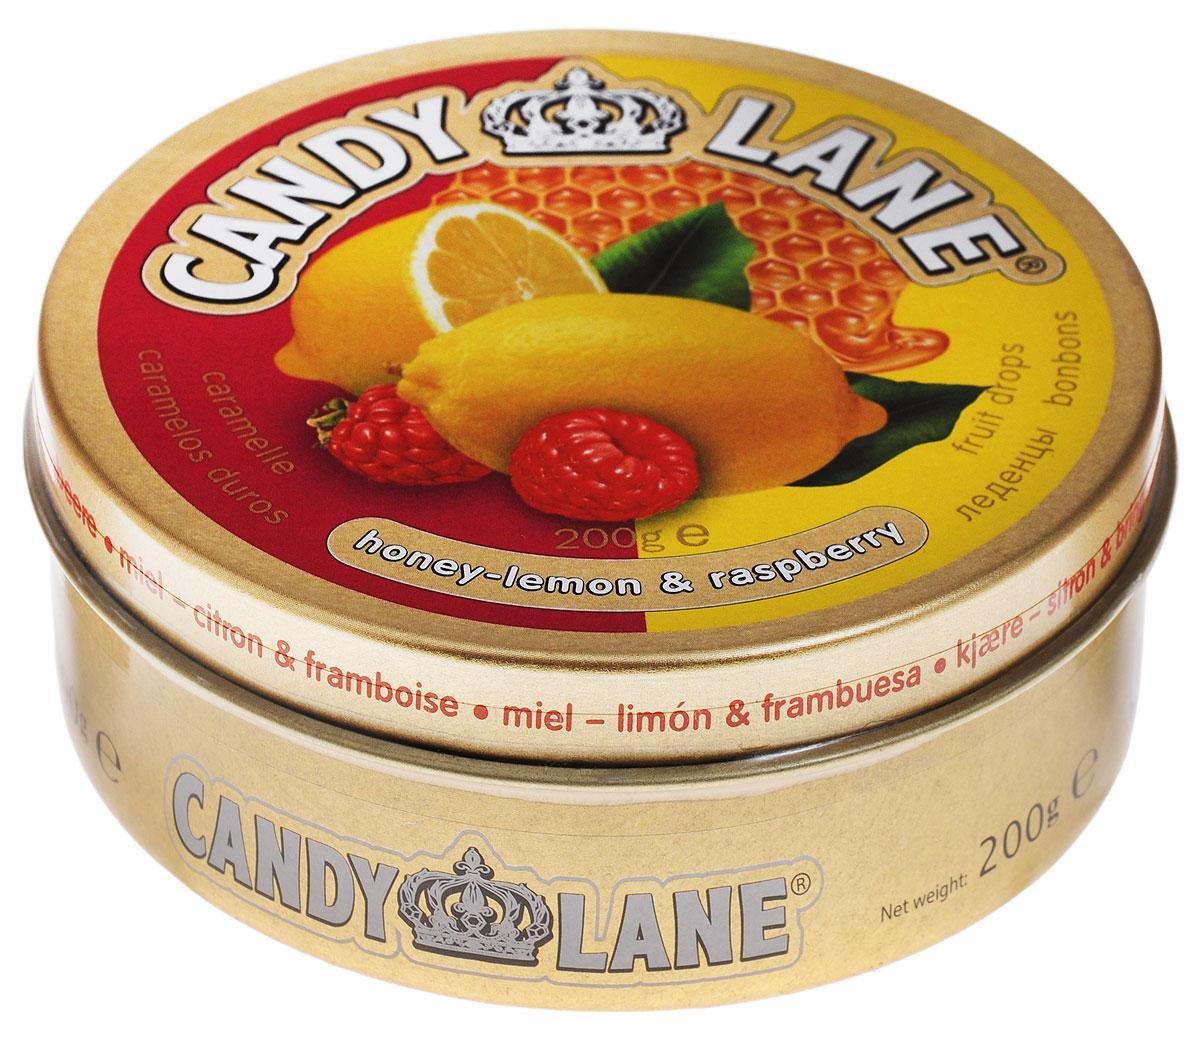 Сладкая Сказка Candy Lane Мед, лимон и малина фруктовые леденцы, 200 г